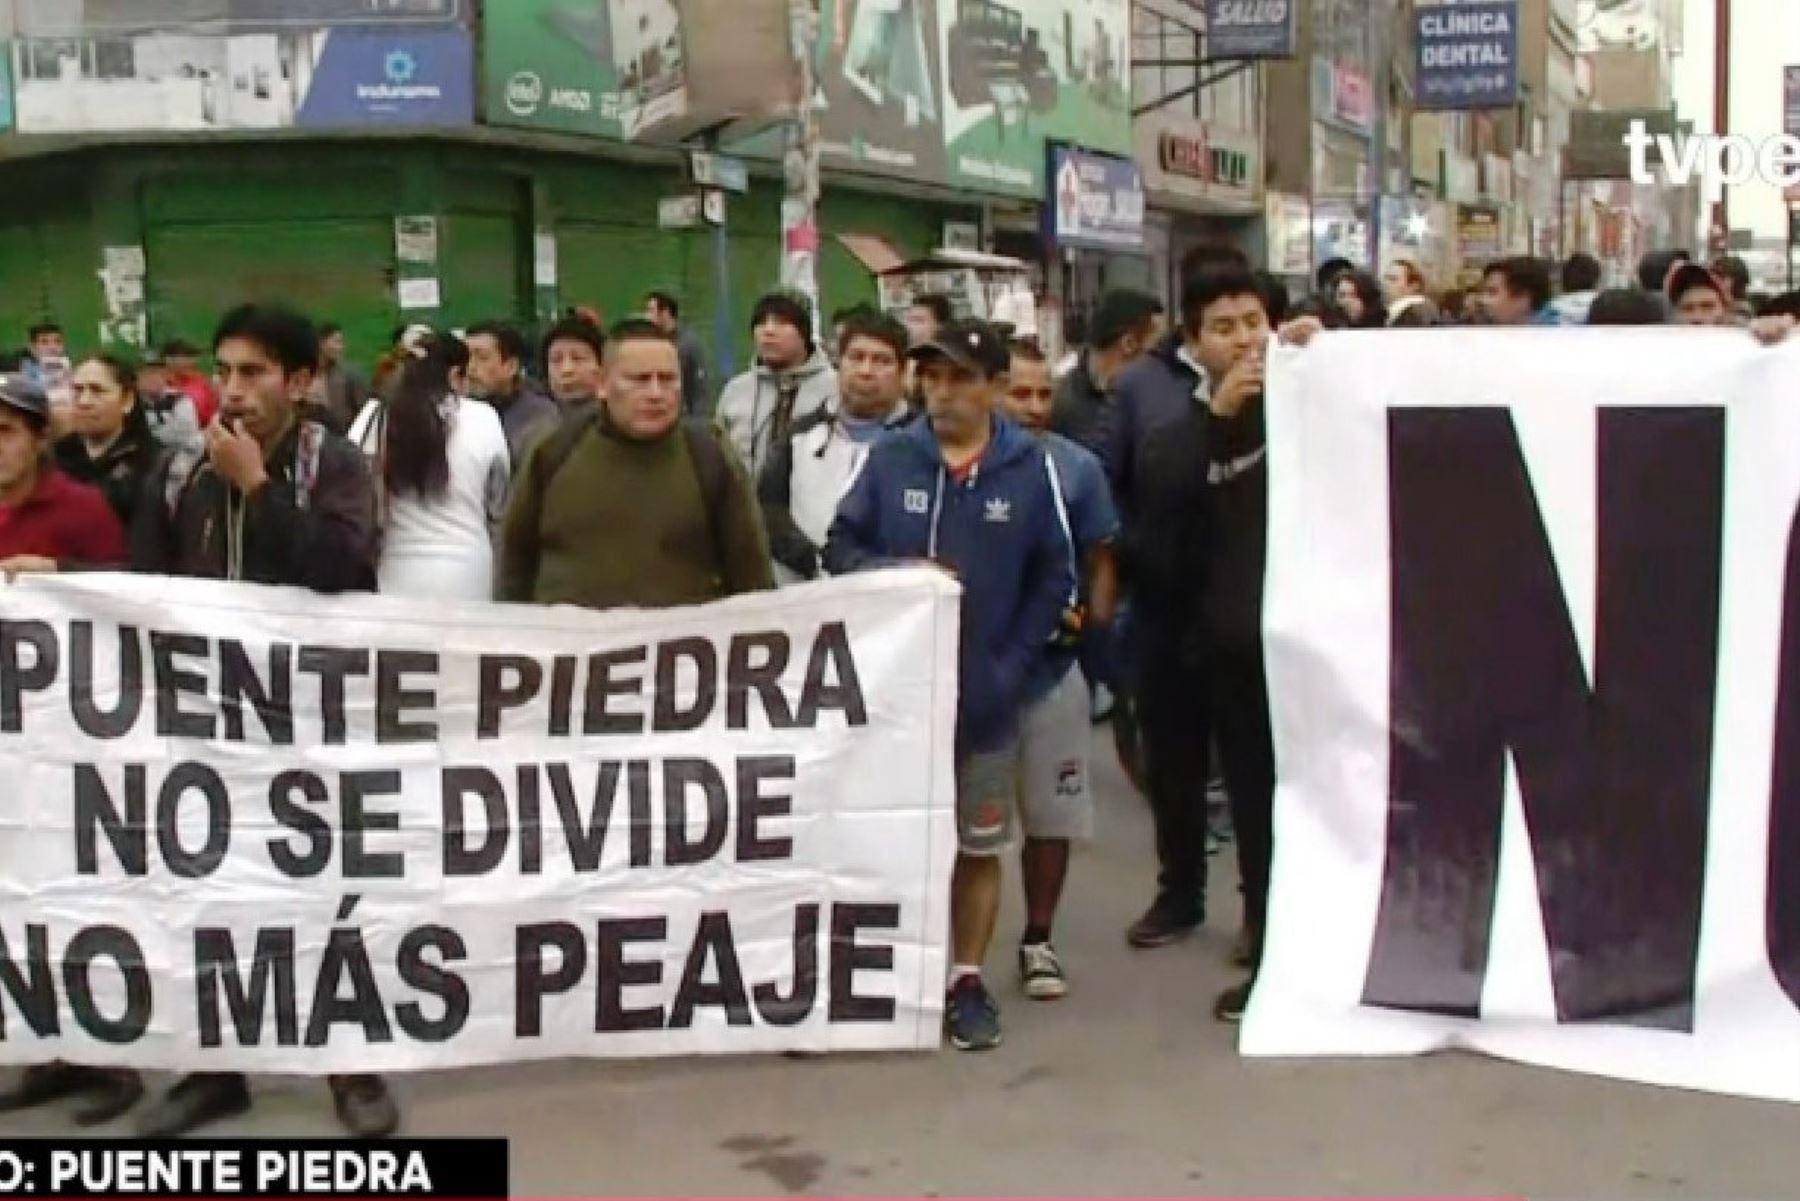 Peaje: pobladores de Puente Piedra obstruyen la Panamericana Norte. Foto: ANDINA/captura TV.